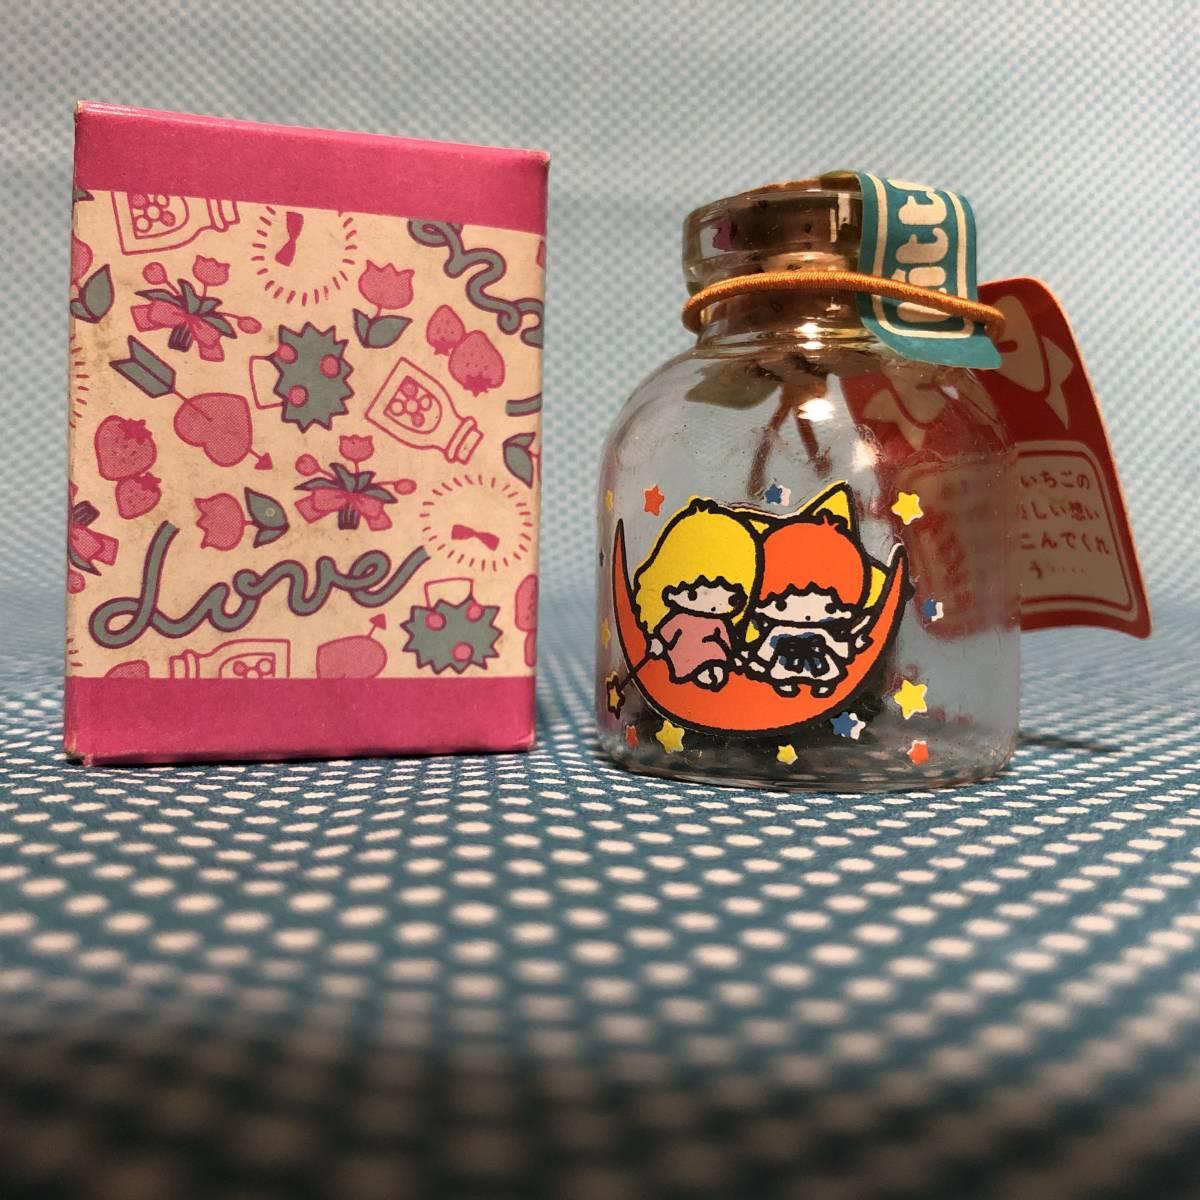 1976年 当時物 リトルツインスターズ リトルフレグランス 匂い袋 いちご 小瓶 レトロ キキララ サンリオ